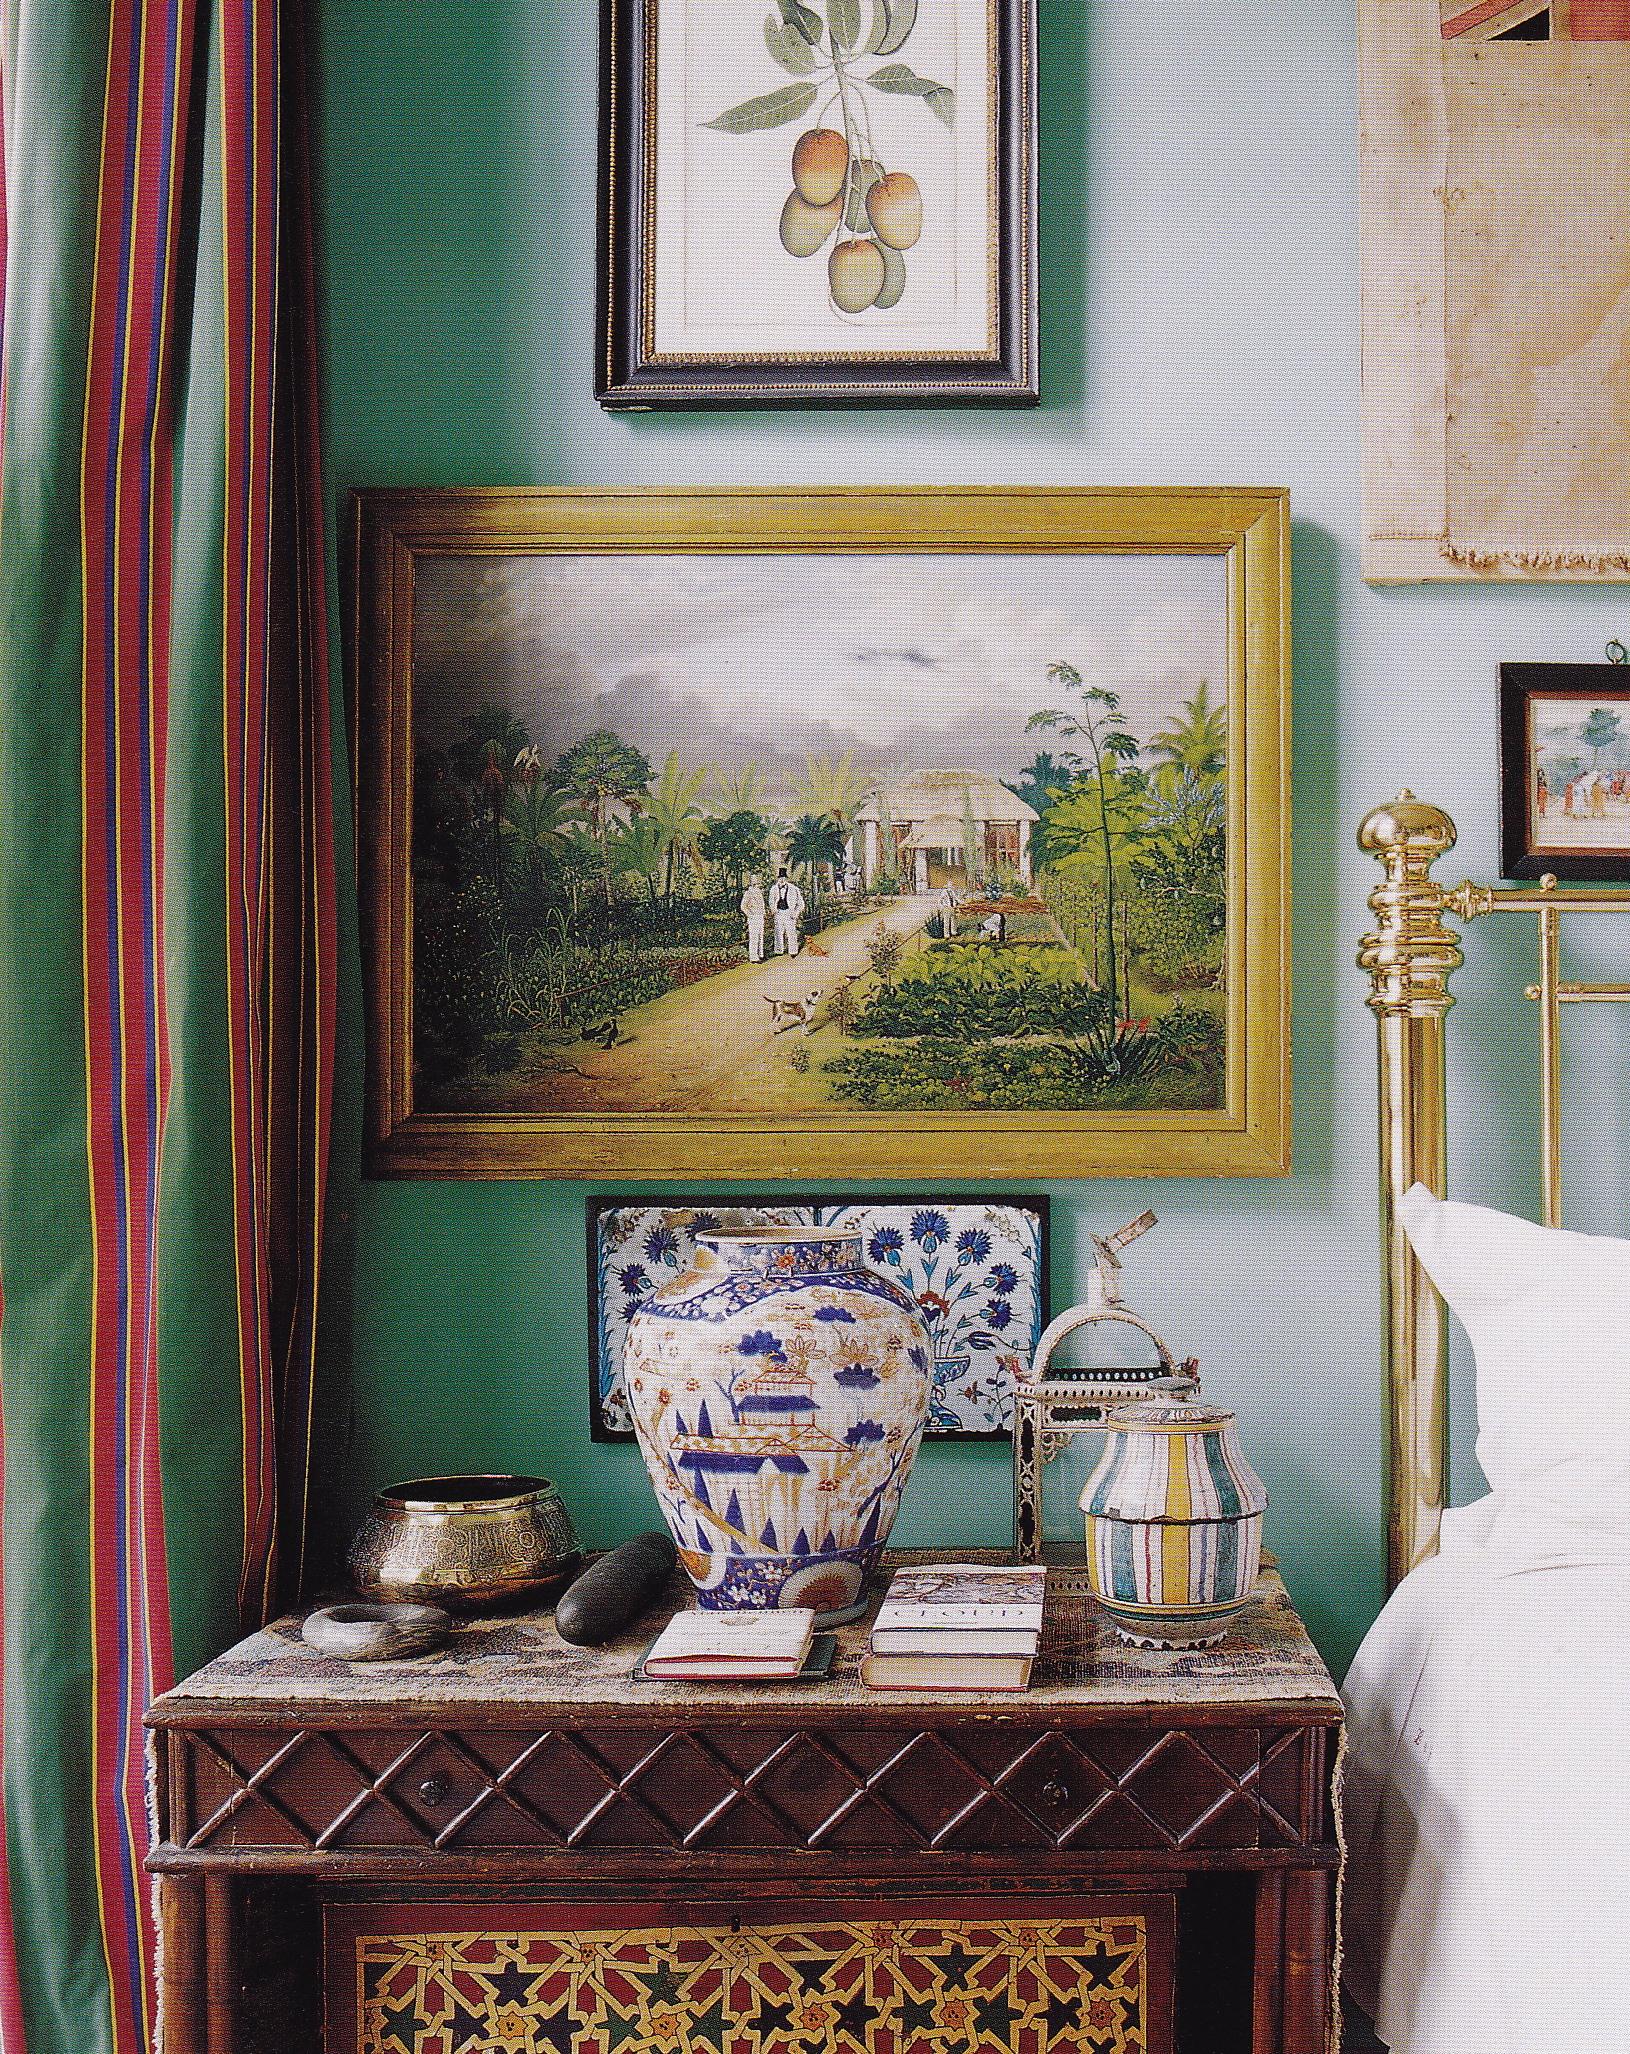 Peter Hinwood's London Bedroom WoI 2008